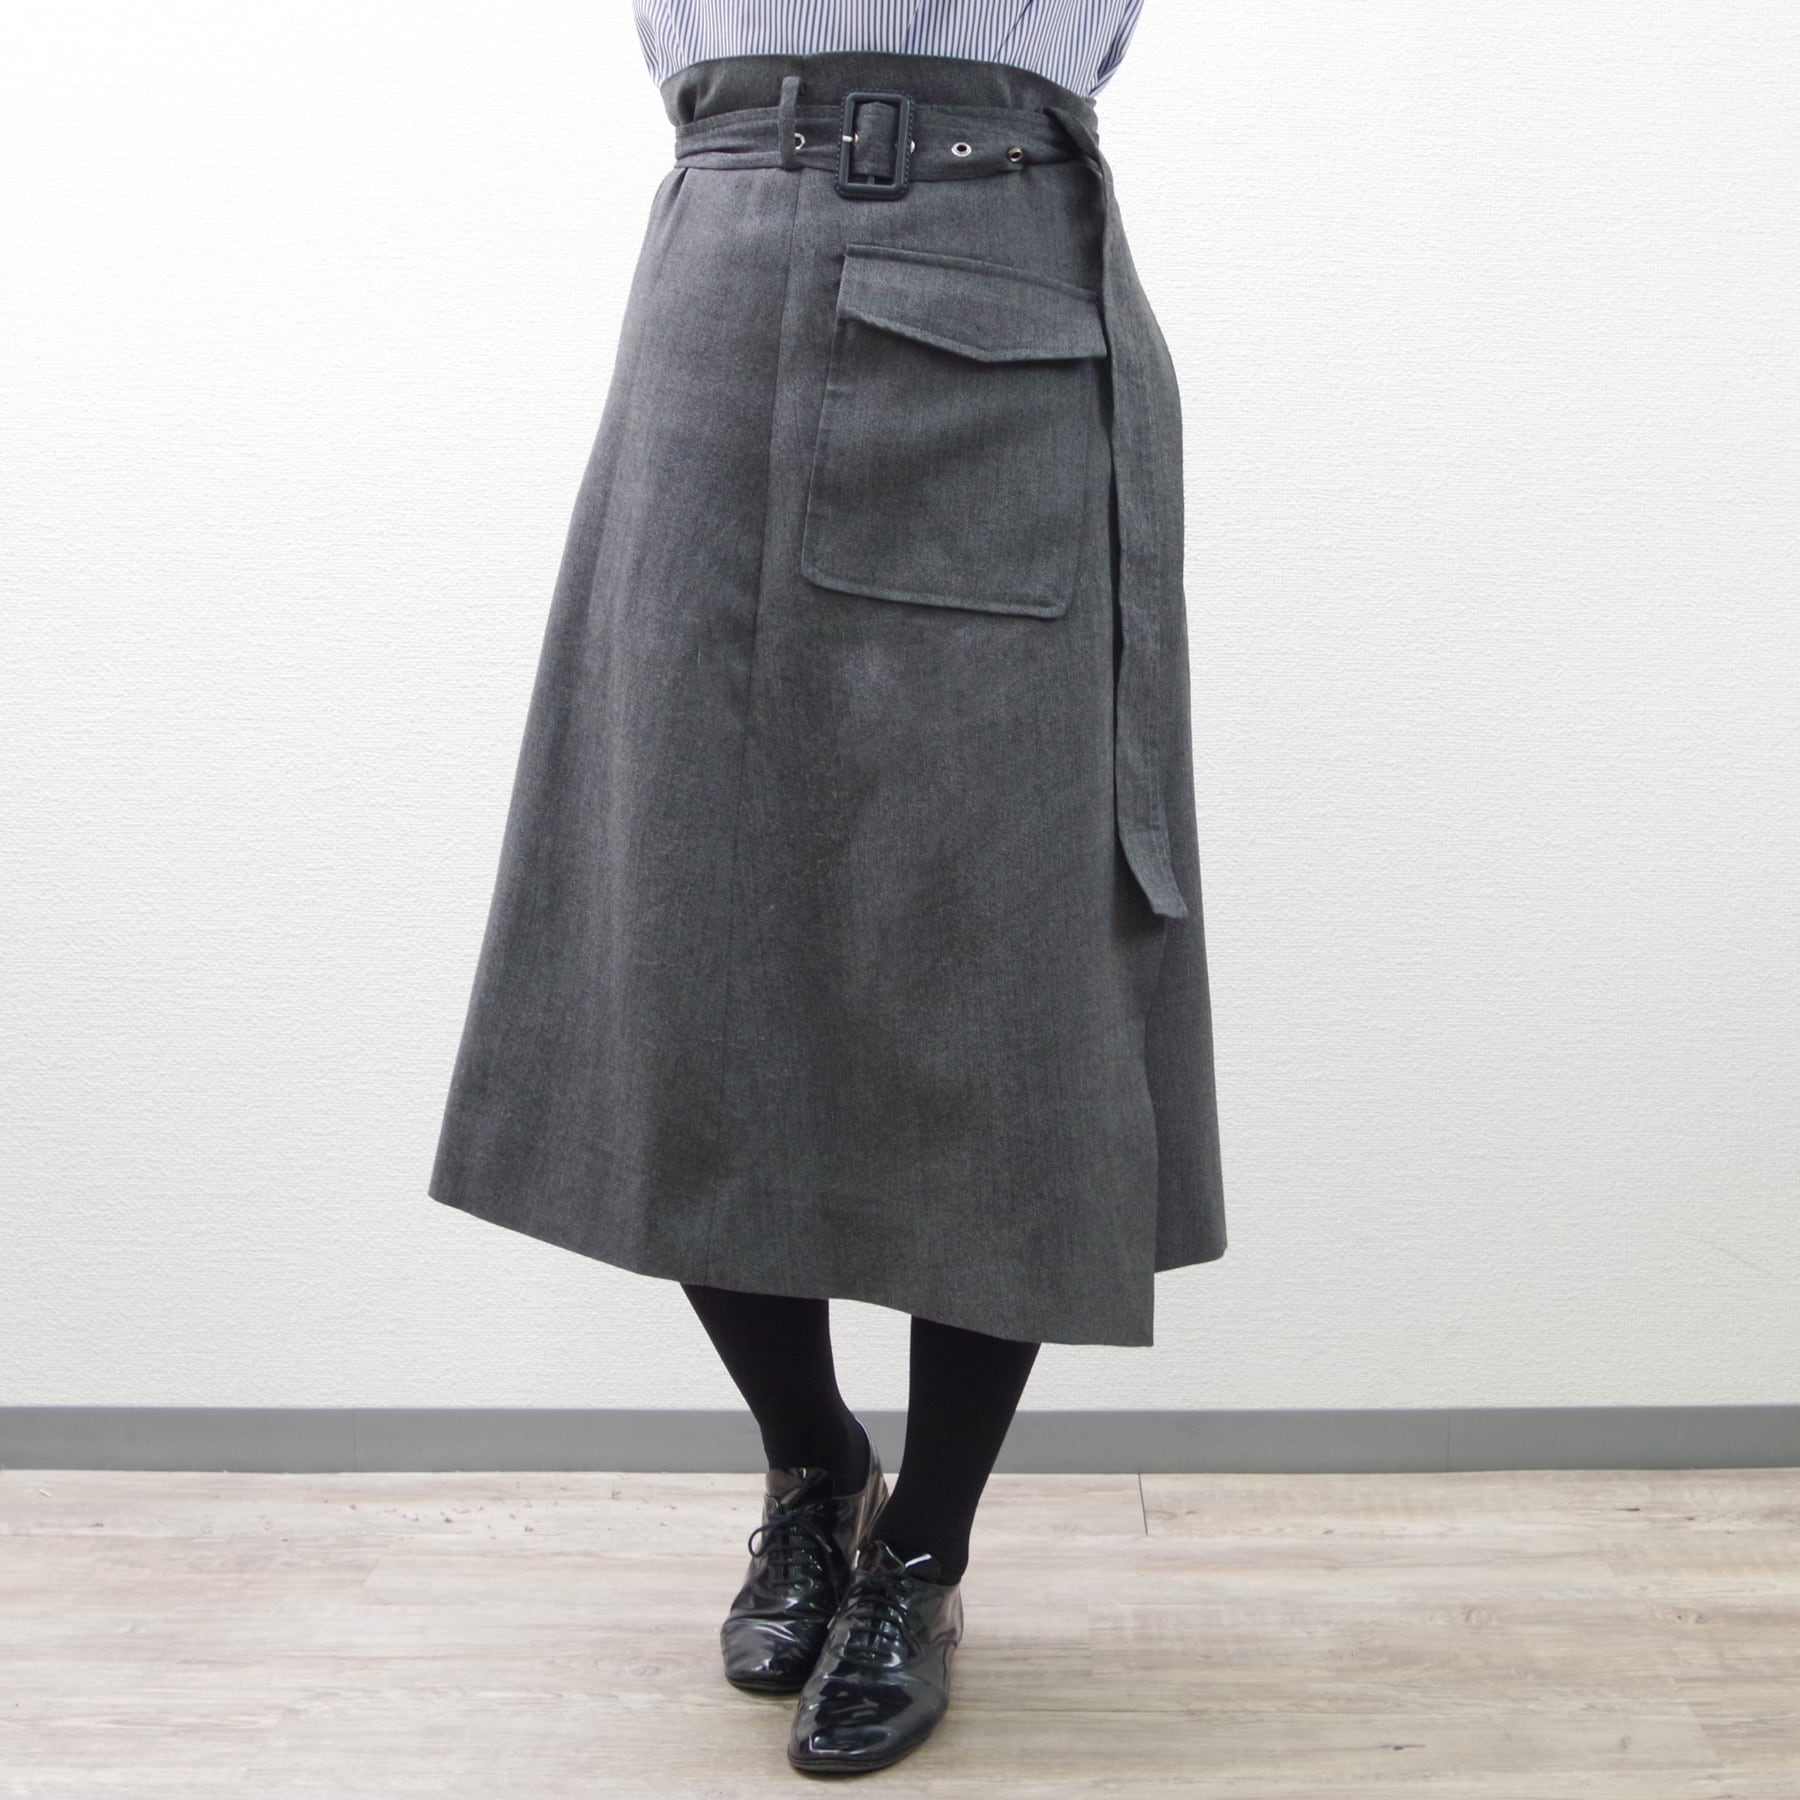 【即納】ウールラップスカート(ダークグレー) ボトム ベルト デザイン シンプル ビッグポケット 巻きスカート